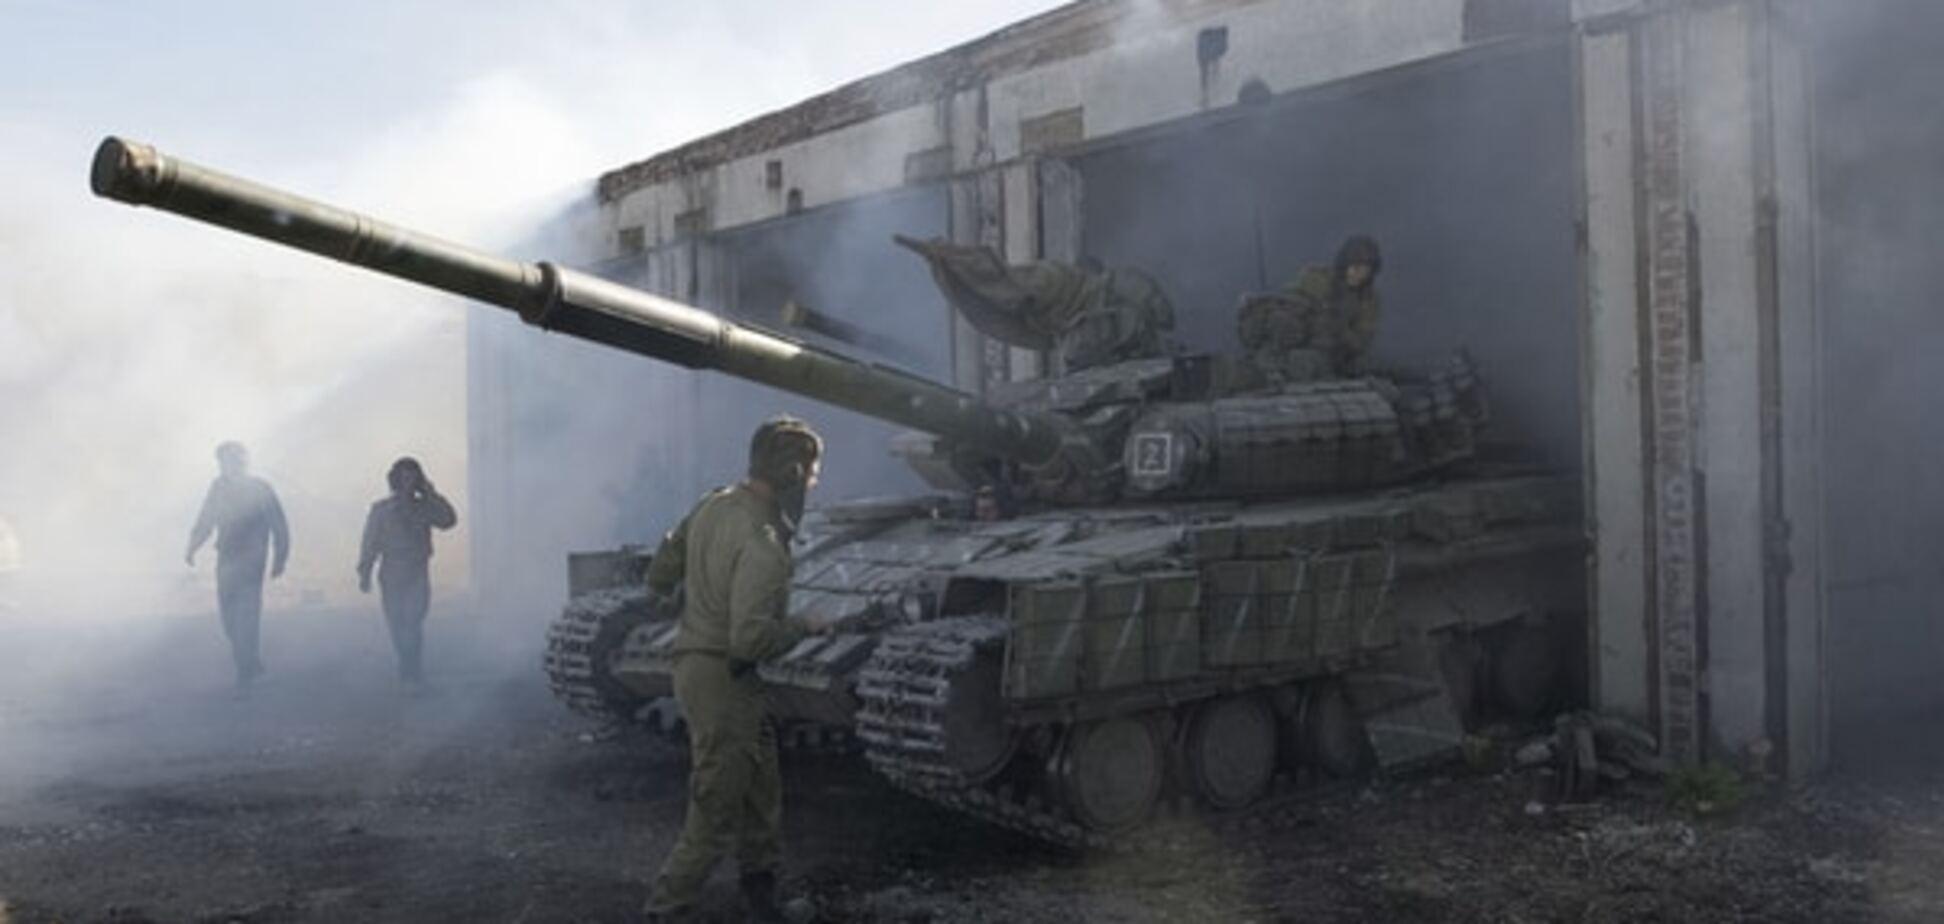 Місія ОБСЄ виявила на Донбасі важке озброєння